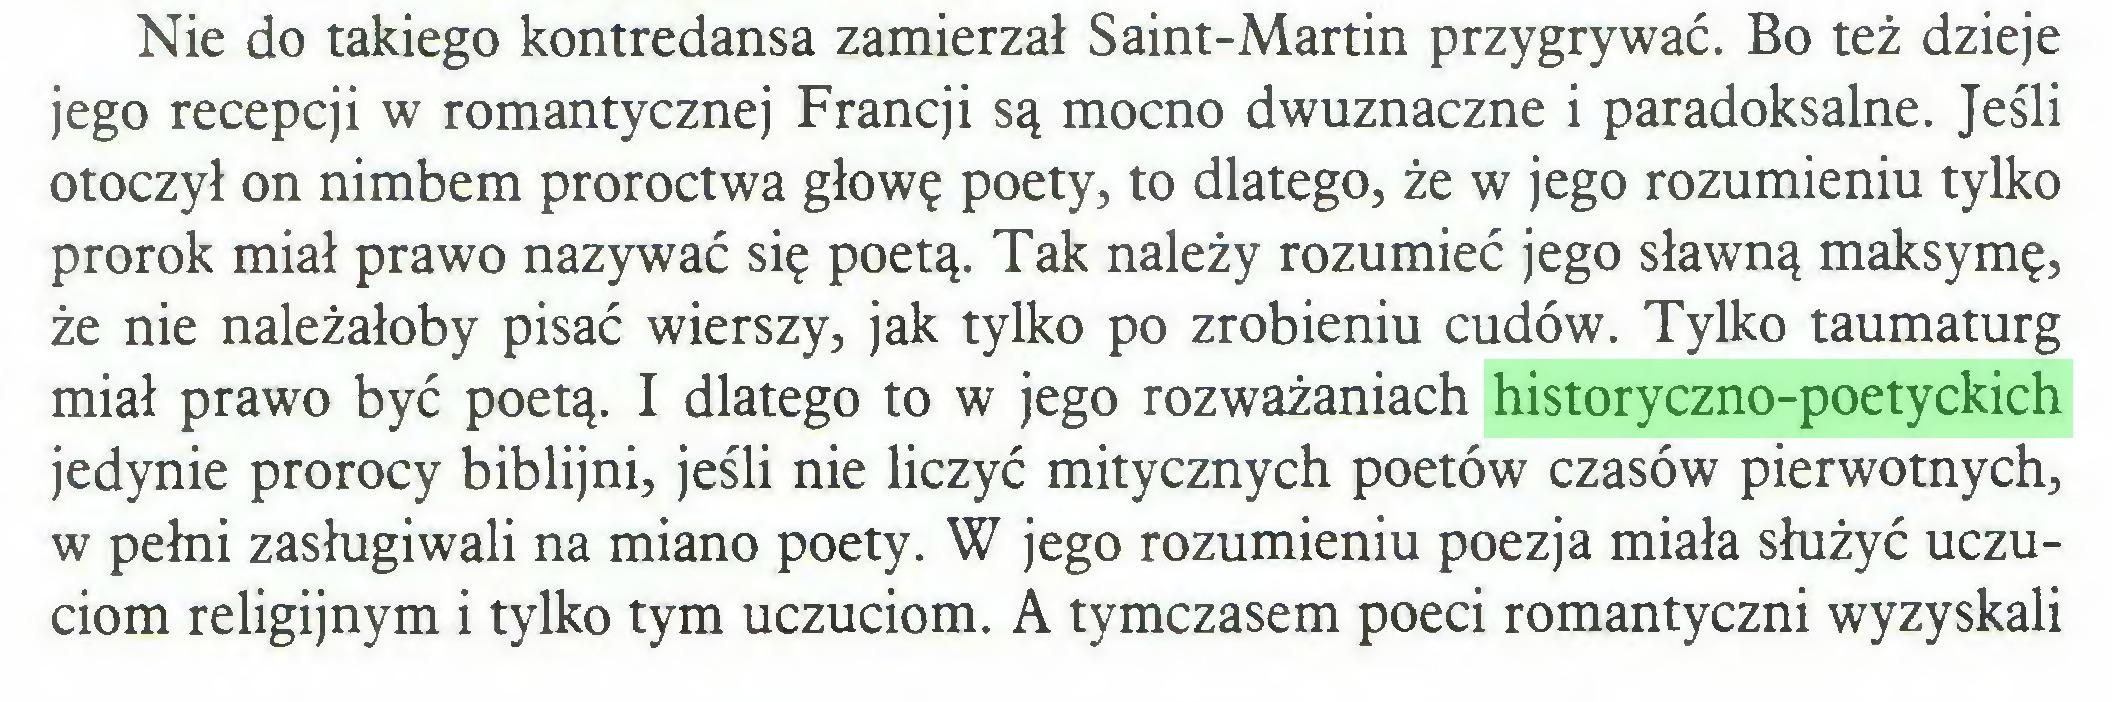 (...) Nie do takiego kontredansa zamierzał Saint-Martin przygrywać. Bo też dzieje jego recepcji w romantycznej Francji są mocno dwuznaczne i paradoksalne. Jeśli otoczył on nimbem proroctwa głowę poety, to dlatego, że w jego rozumieniu tylko prorok miał prawo nazywać się poetą. Tak należy rozumieć jego sławną maksymę, że nie należałoby pisać wierszy, jak tylko po zrobieniu cudów. Tylko taumaturg miał prawo być poetą. I dlatego to w jego rozważaniach historyczno-poetyckich jedynie prorocy biblijni, jeśli nie liczyć mitycznych poetów czasów pierwotnych, w pełni zasługiwali na miano poety. W jego rozumieniu poezja miała służyć uczuciom religijnym i tylko tym uczuciom. A tymczasem poeci romantyczni wyzyskali...